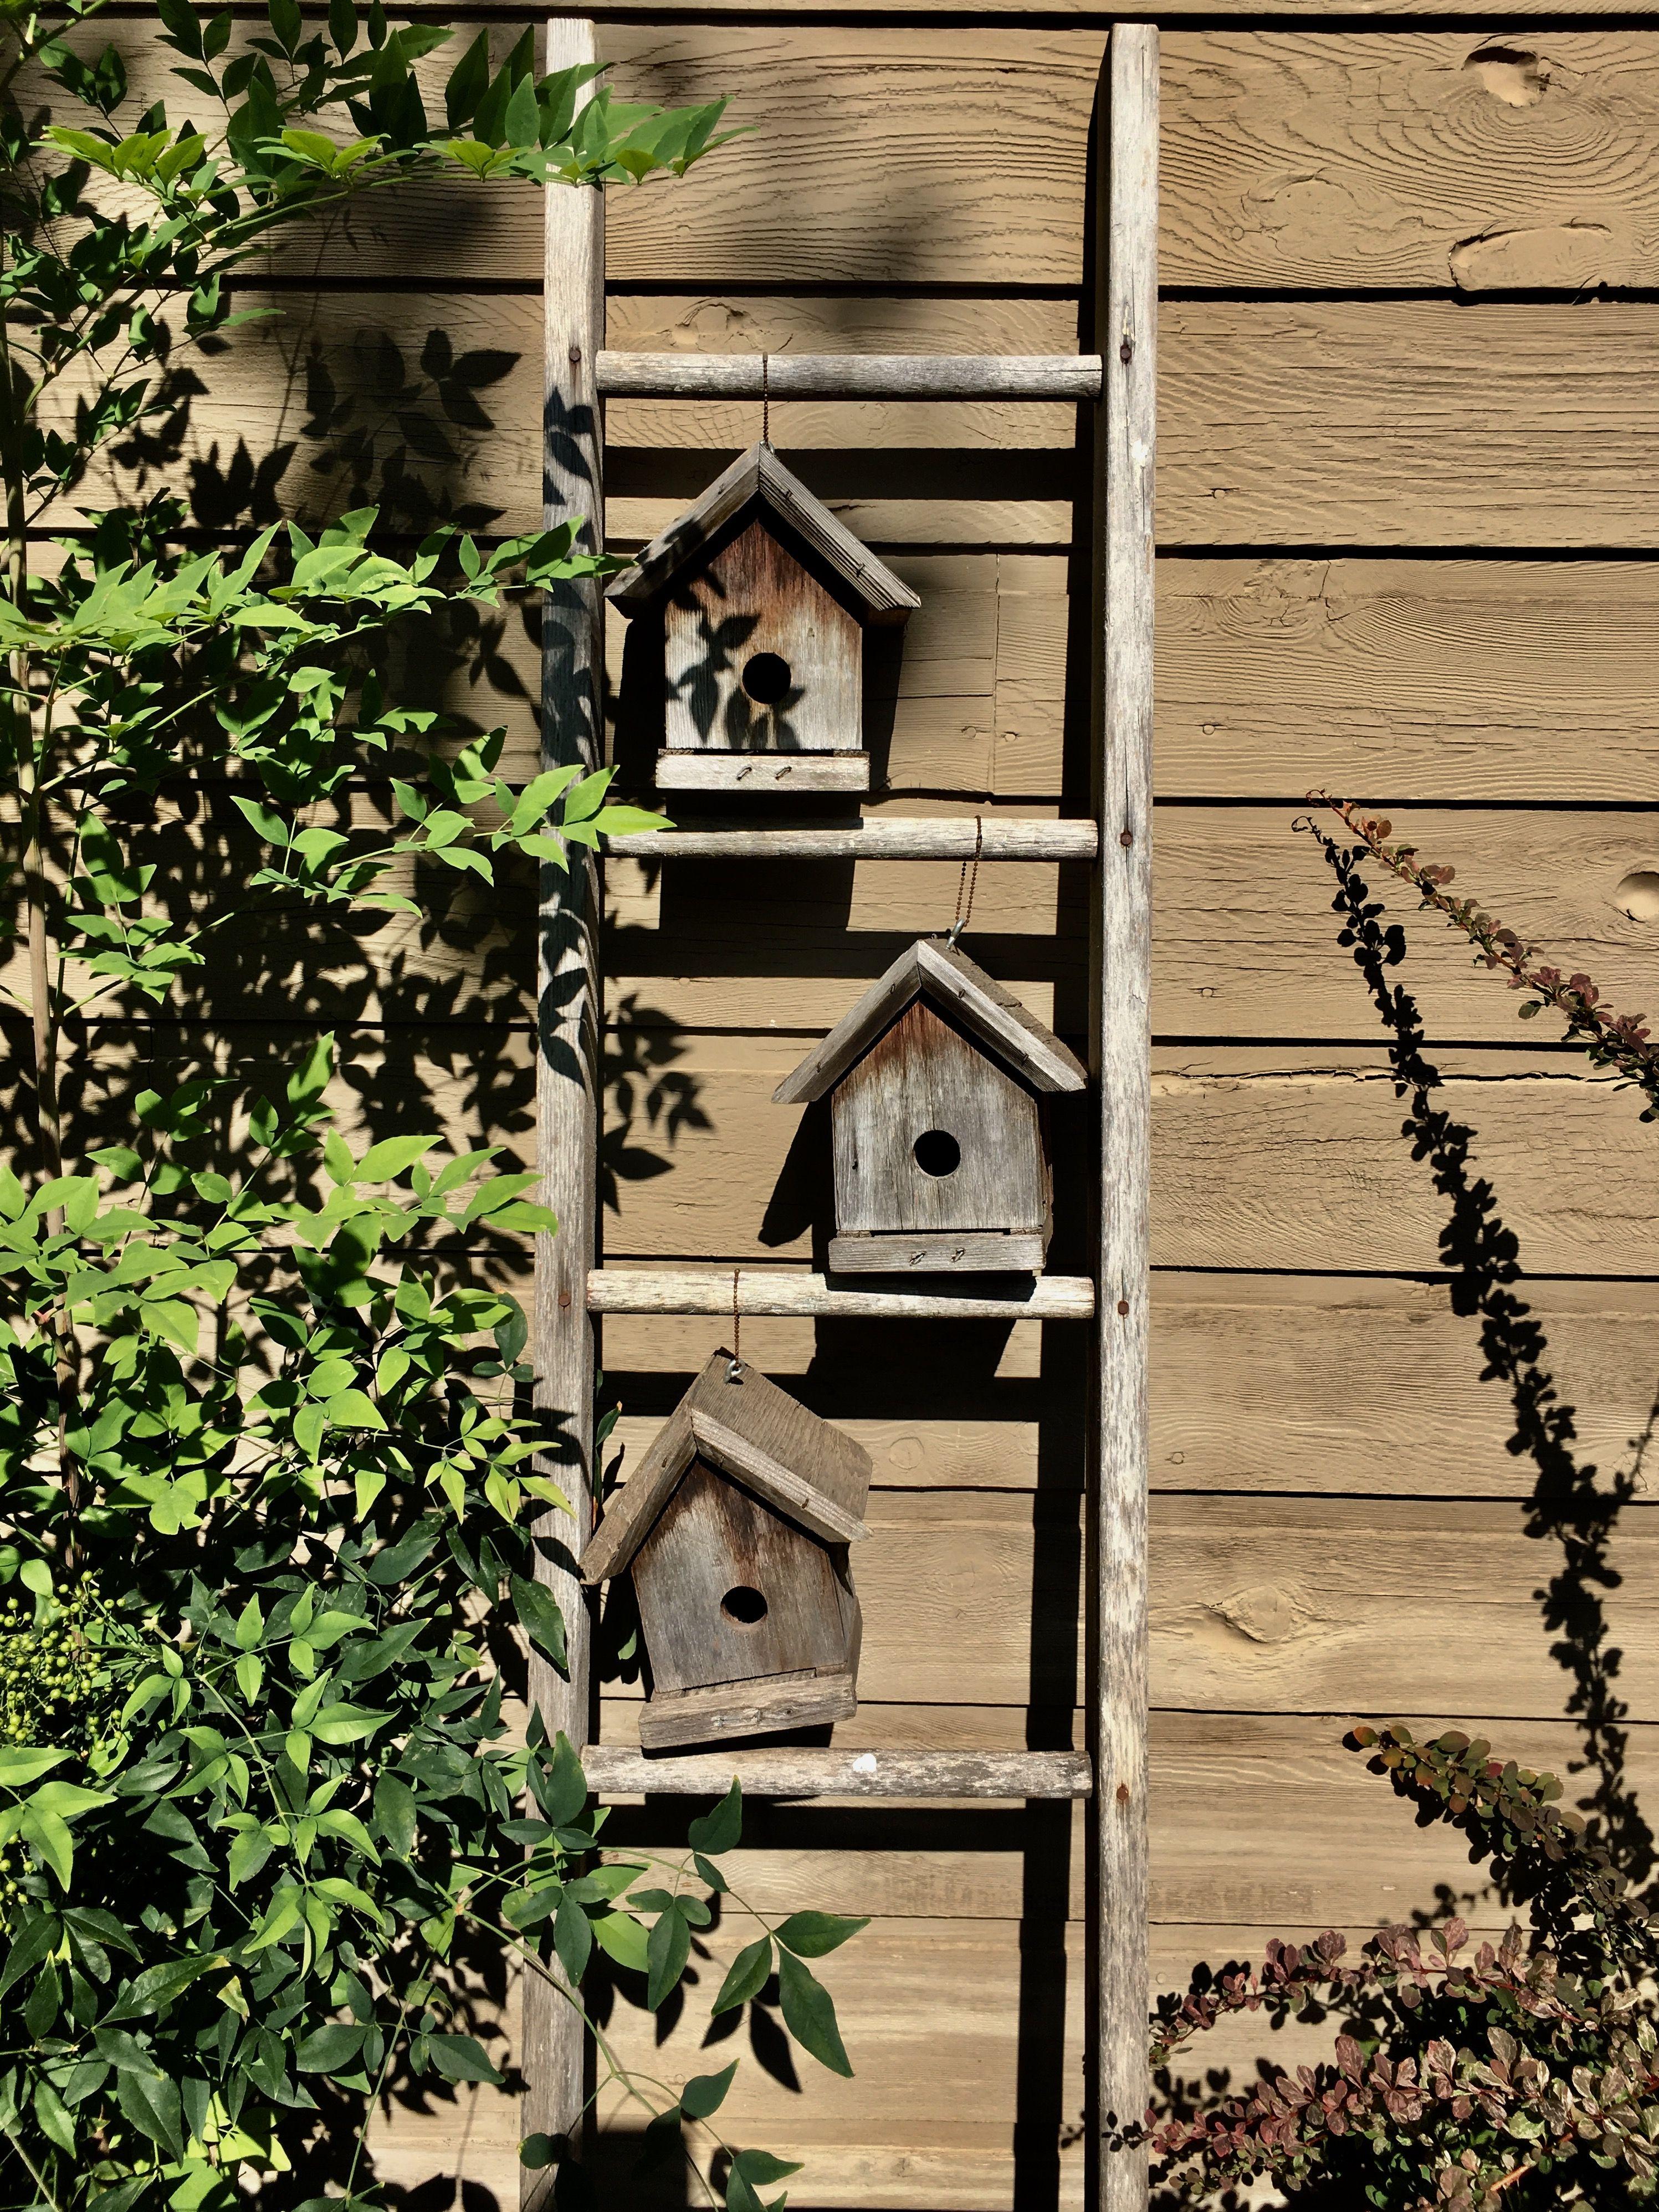 Anther Ladder birdhouse ladder! elaine - find anther wooden ladder, take